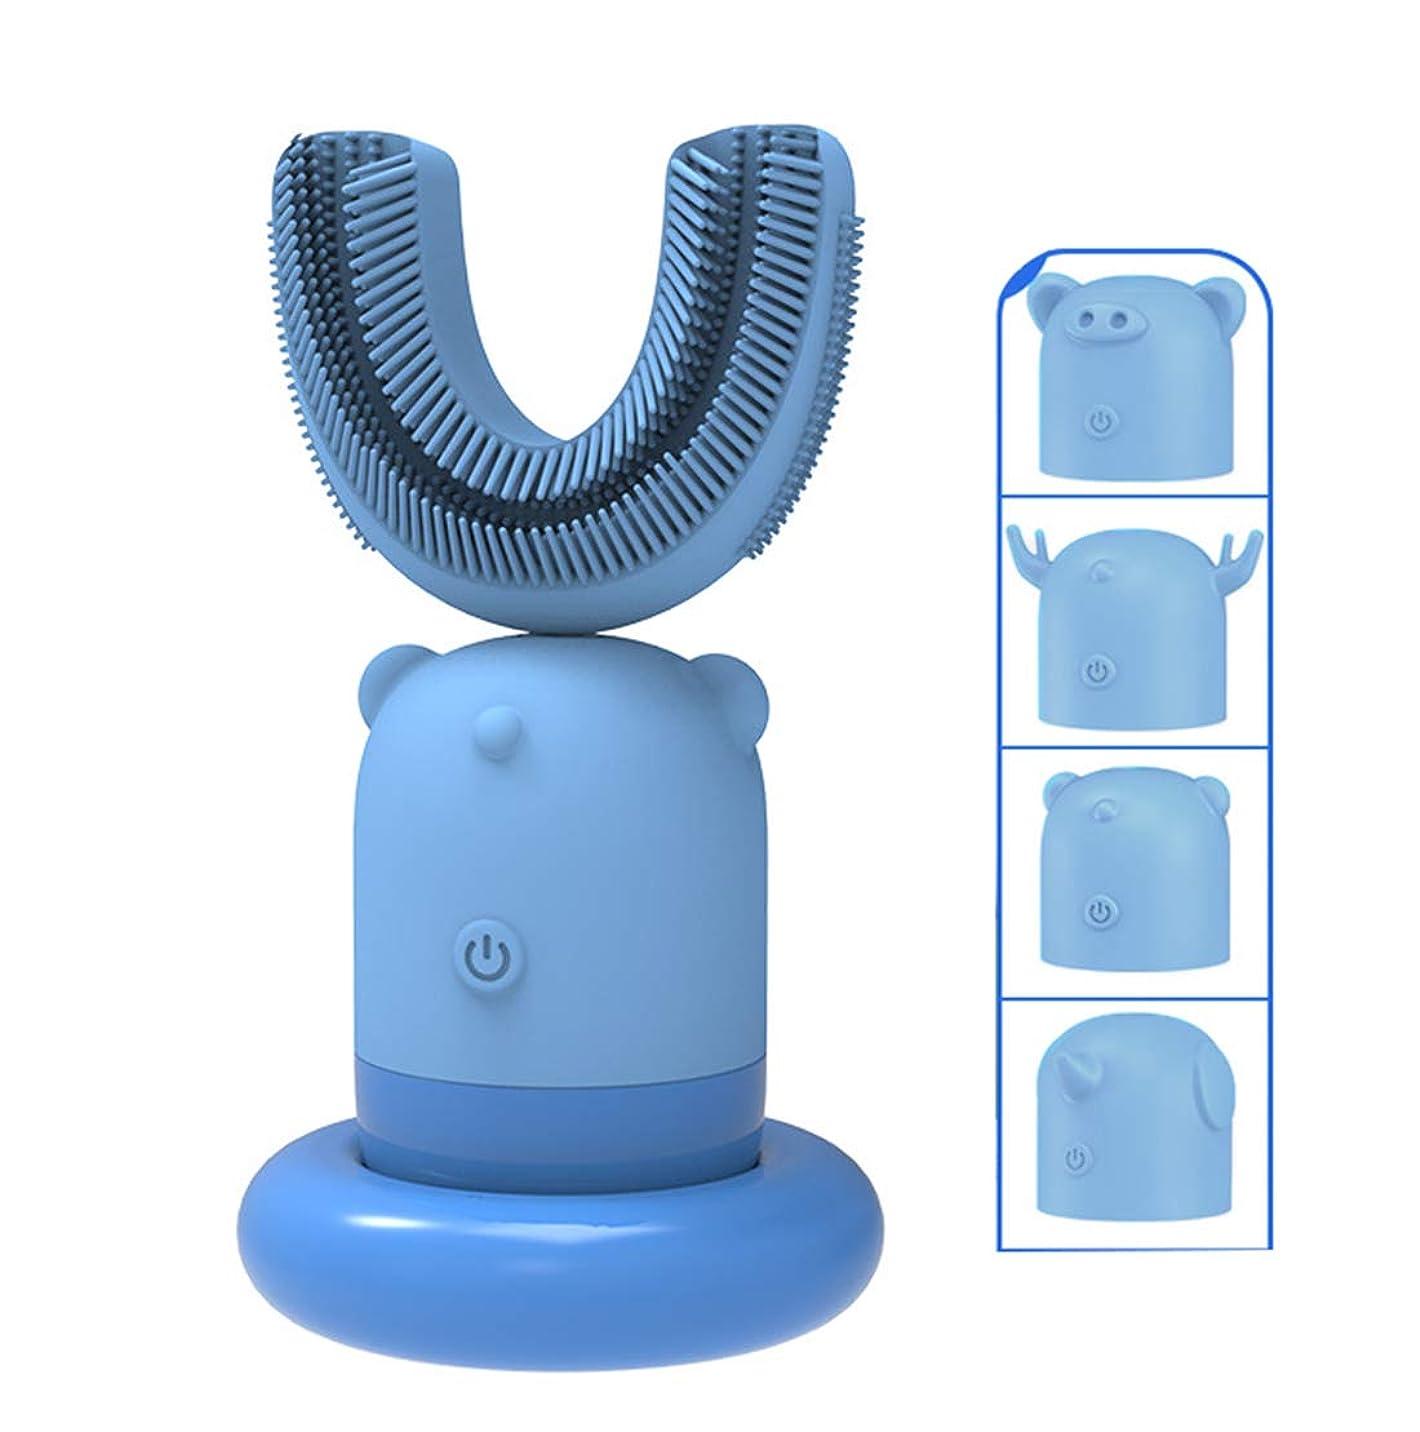 最高衣類ジョージスティーブンソンド 口腔洗浄器 デンタルケア 電動歯ブラシ ナノブルーレイ美歯 ワイヤレス充電 虫歯予防 U型 360°全方位 、4種スキン できる 交換,ブルー,2to6